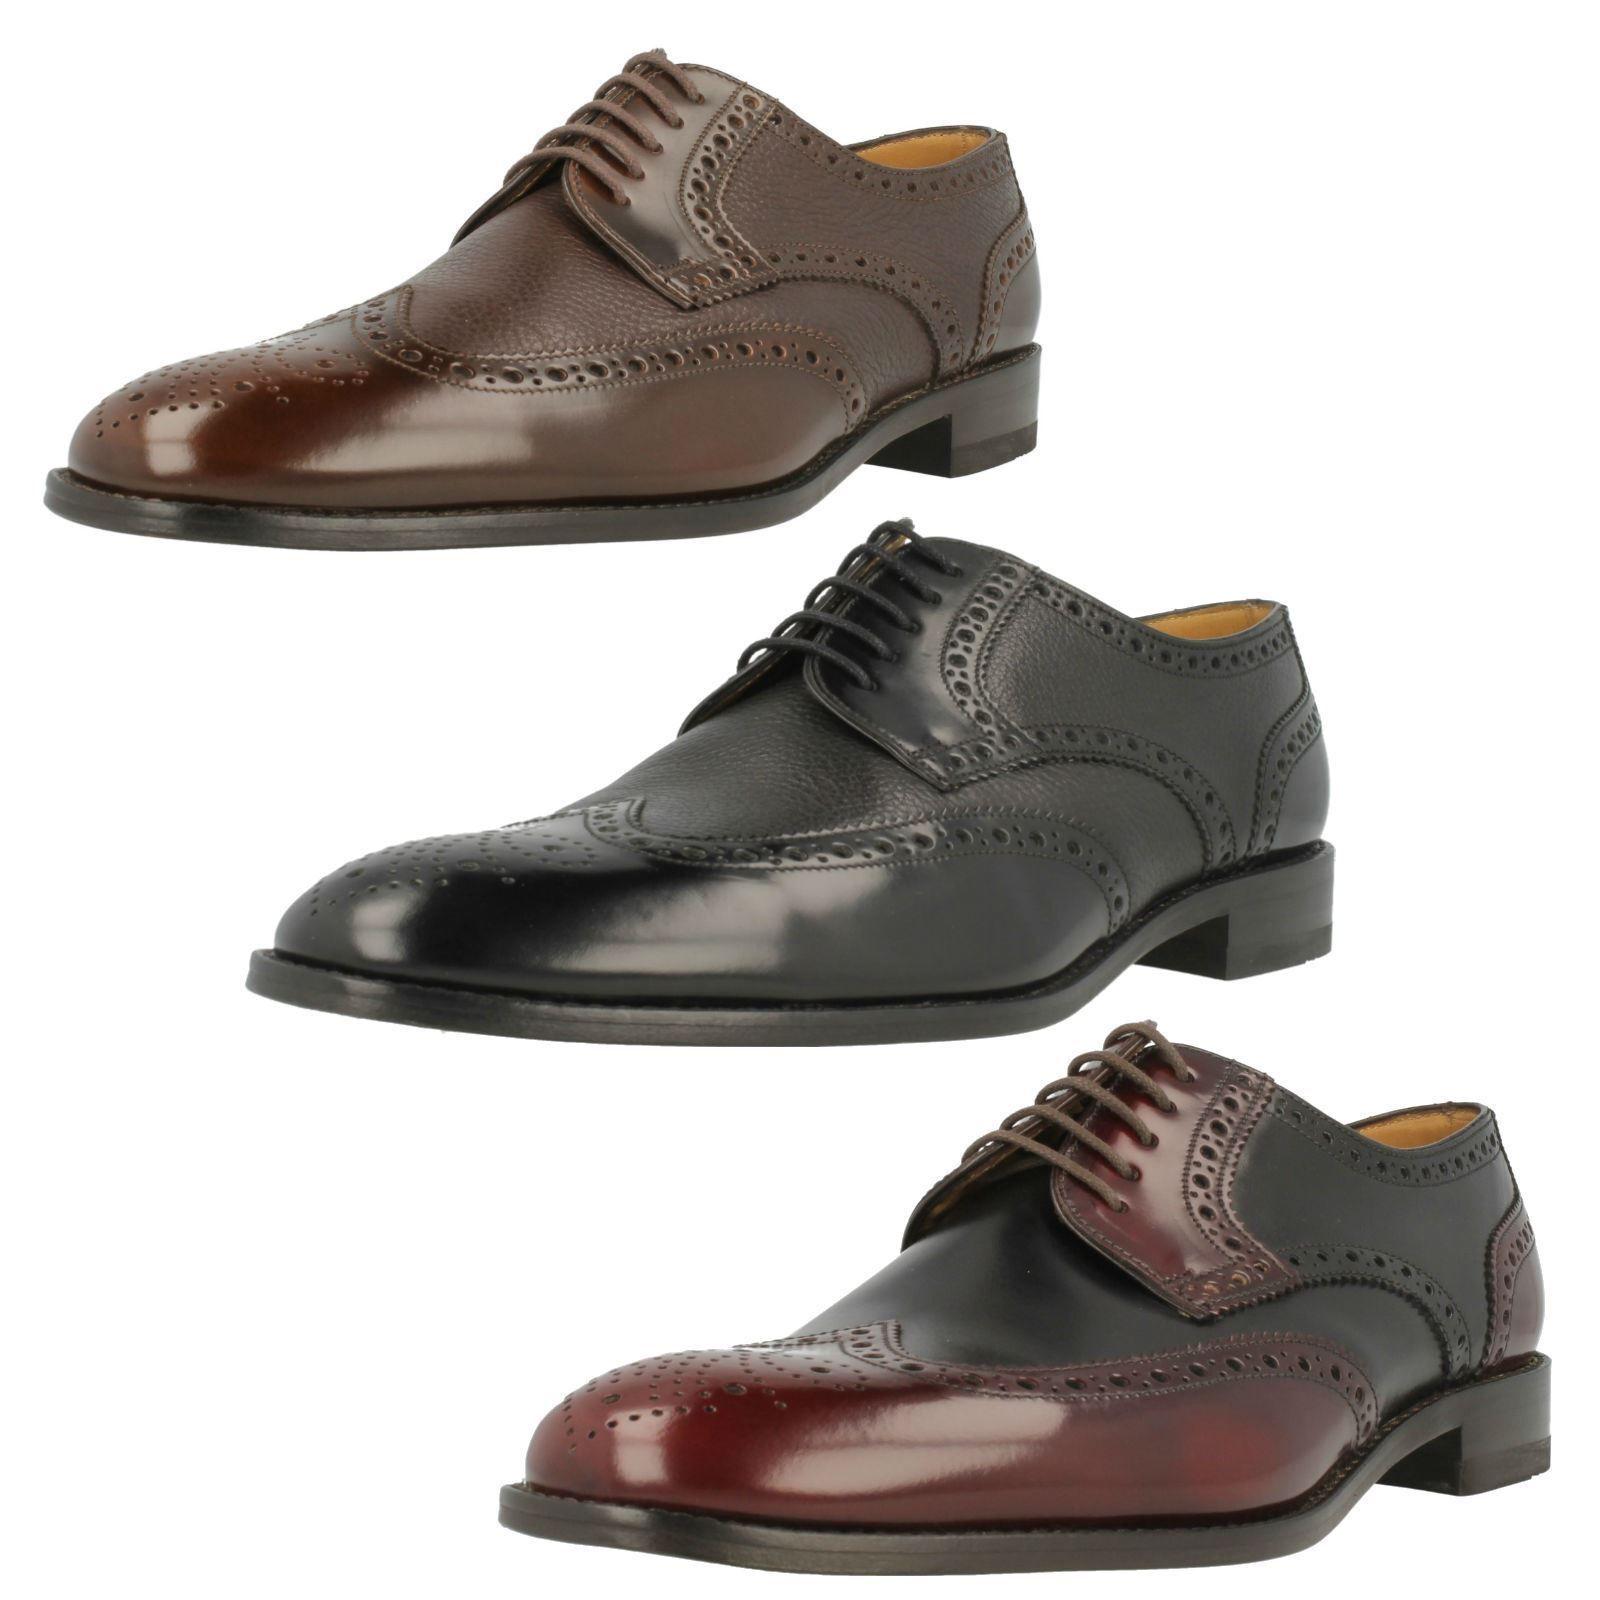 Cómodo y bien parecido Loakes Para Hombre Cuero lazada zapato bajo de cuero zapatos 3 Colores Tamaños Reino Unido 7-12 G Fit Arlington